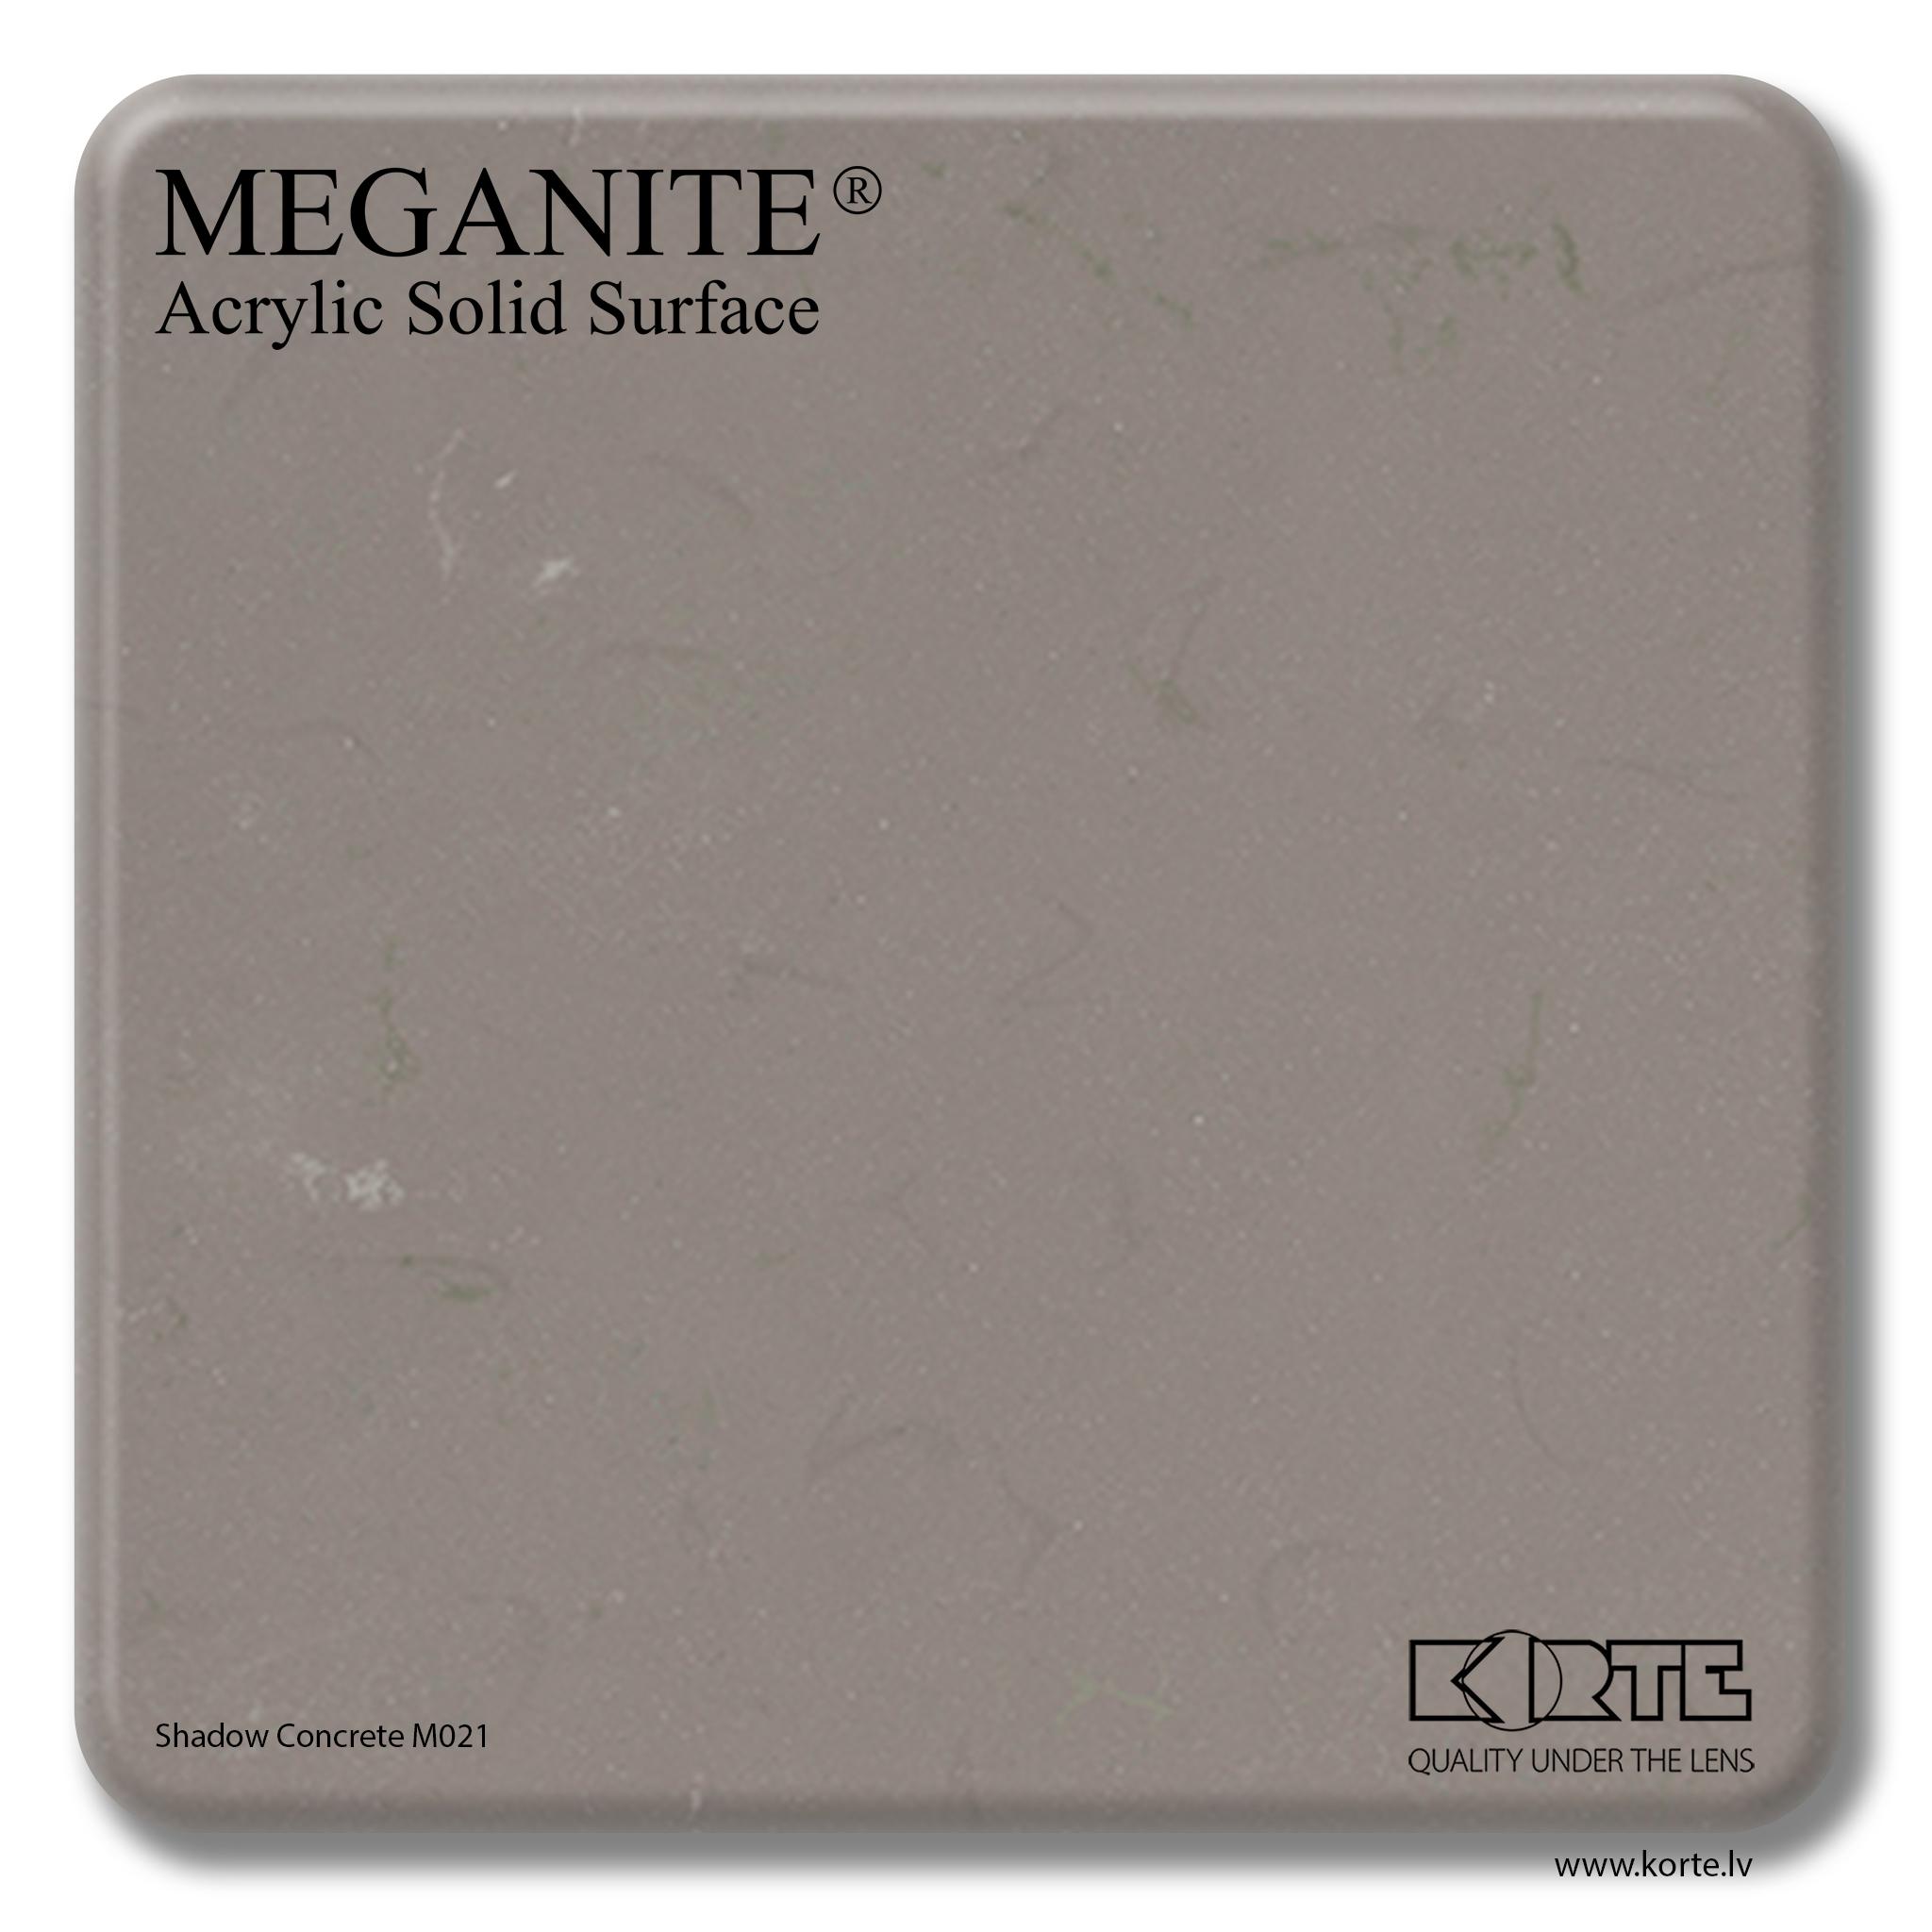 Meganite Shadow Concrete M021 1